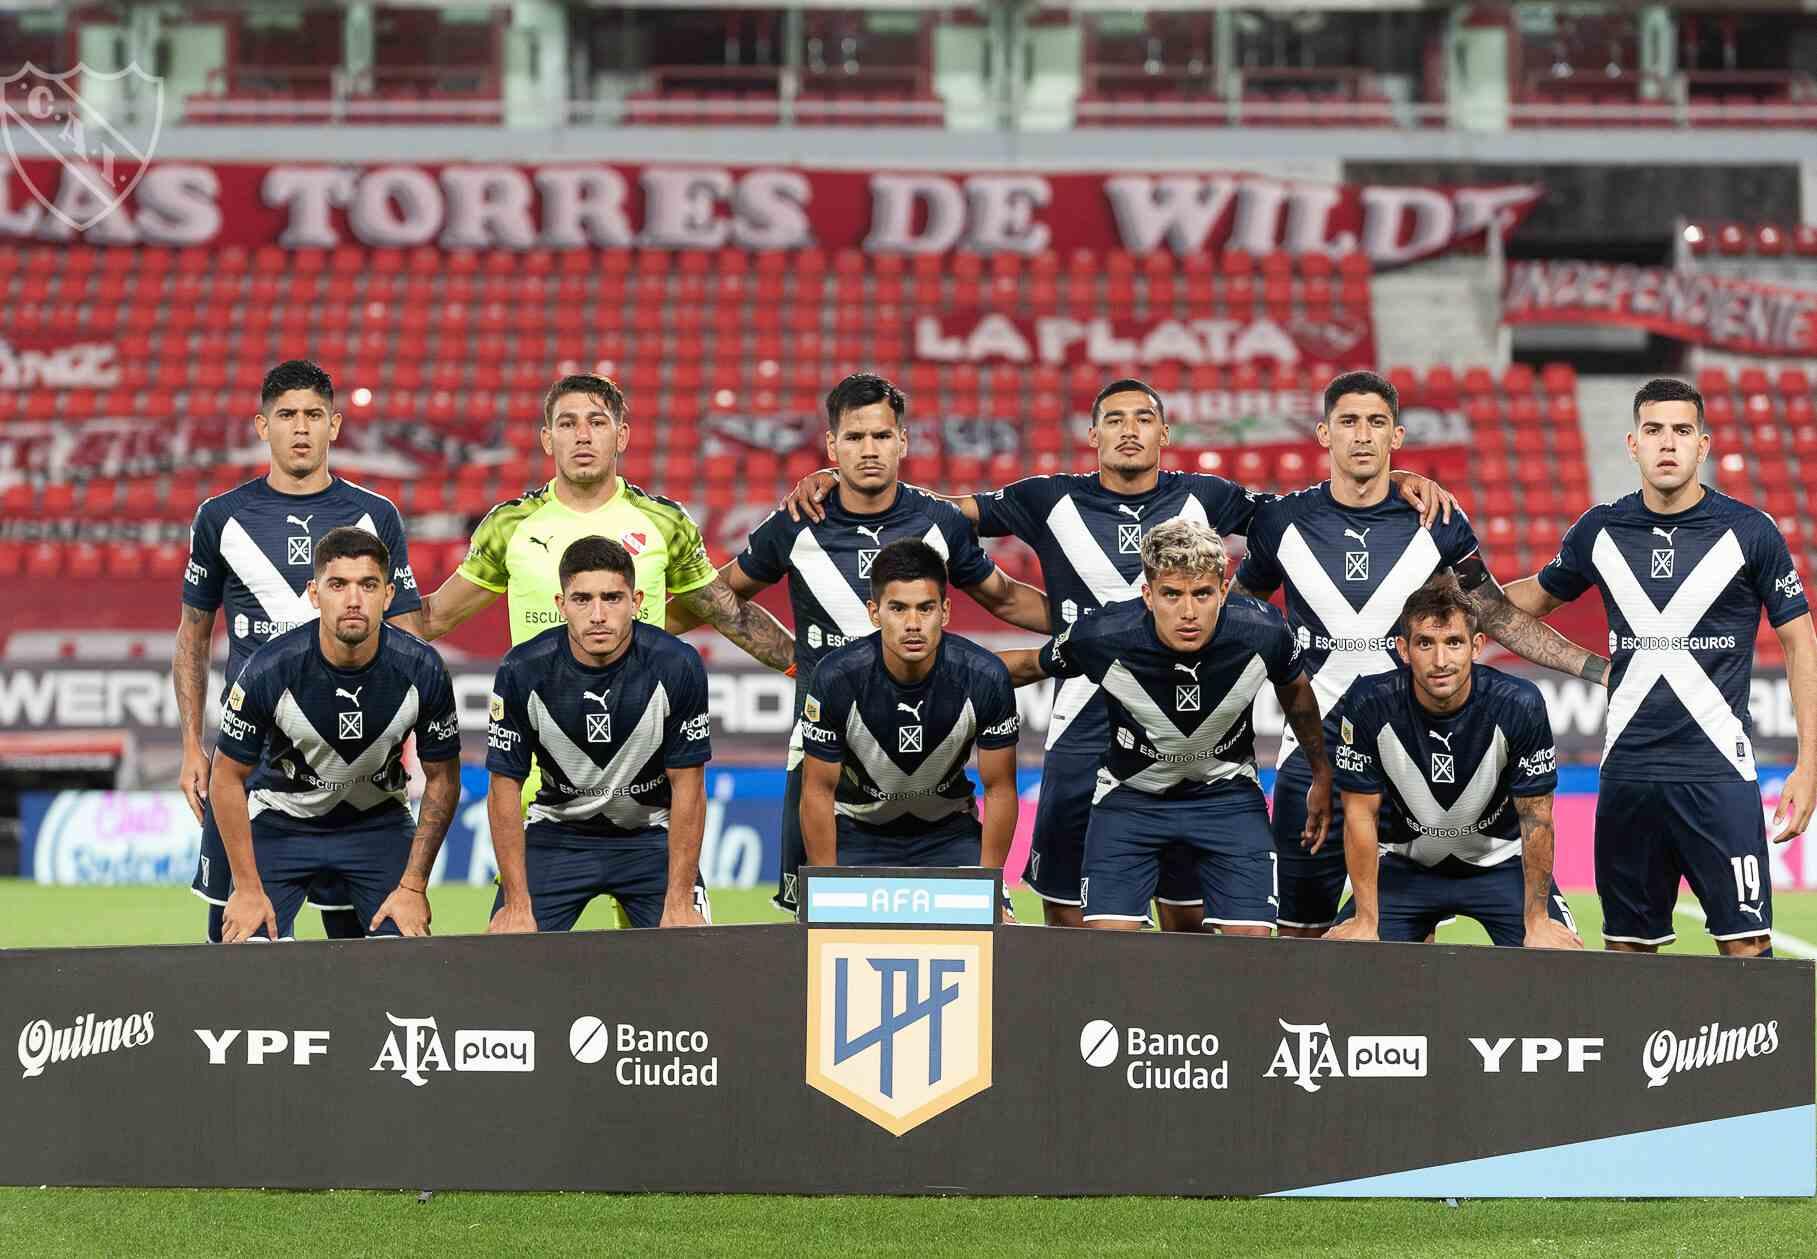 El Uno x Uno de Independiente ante Central Córdoba